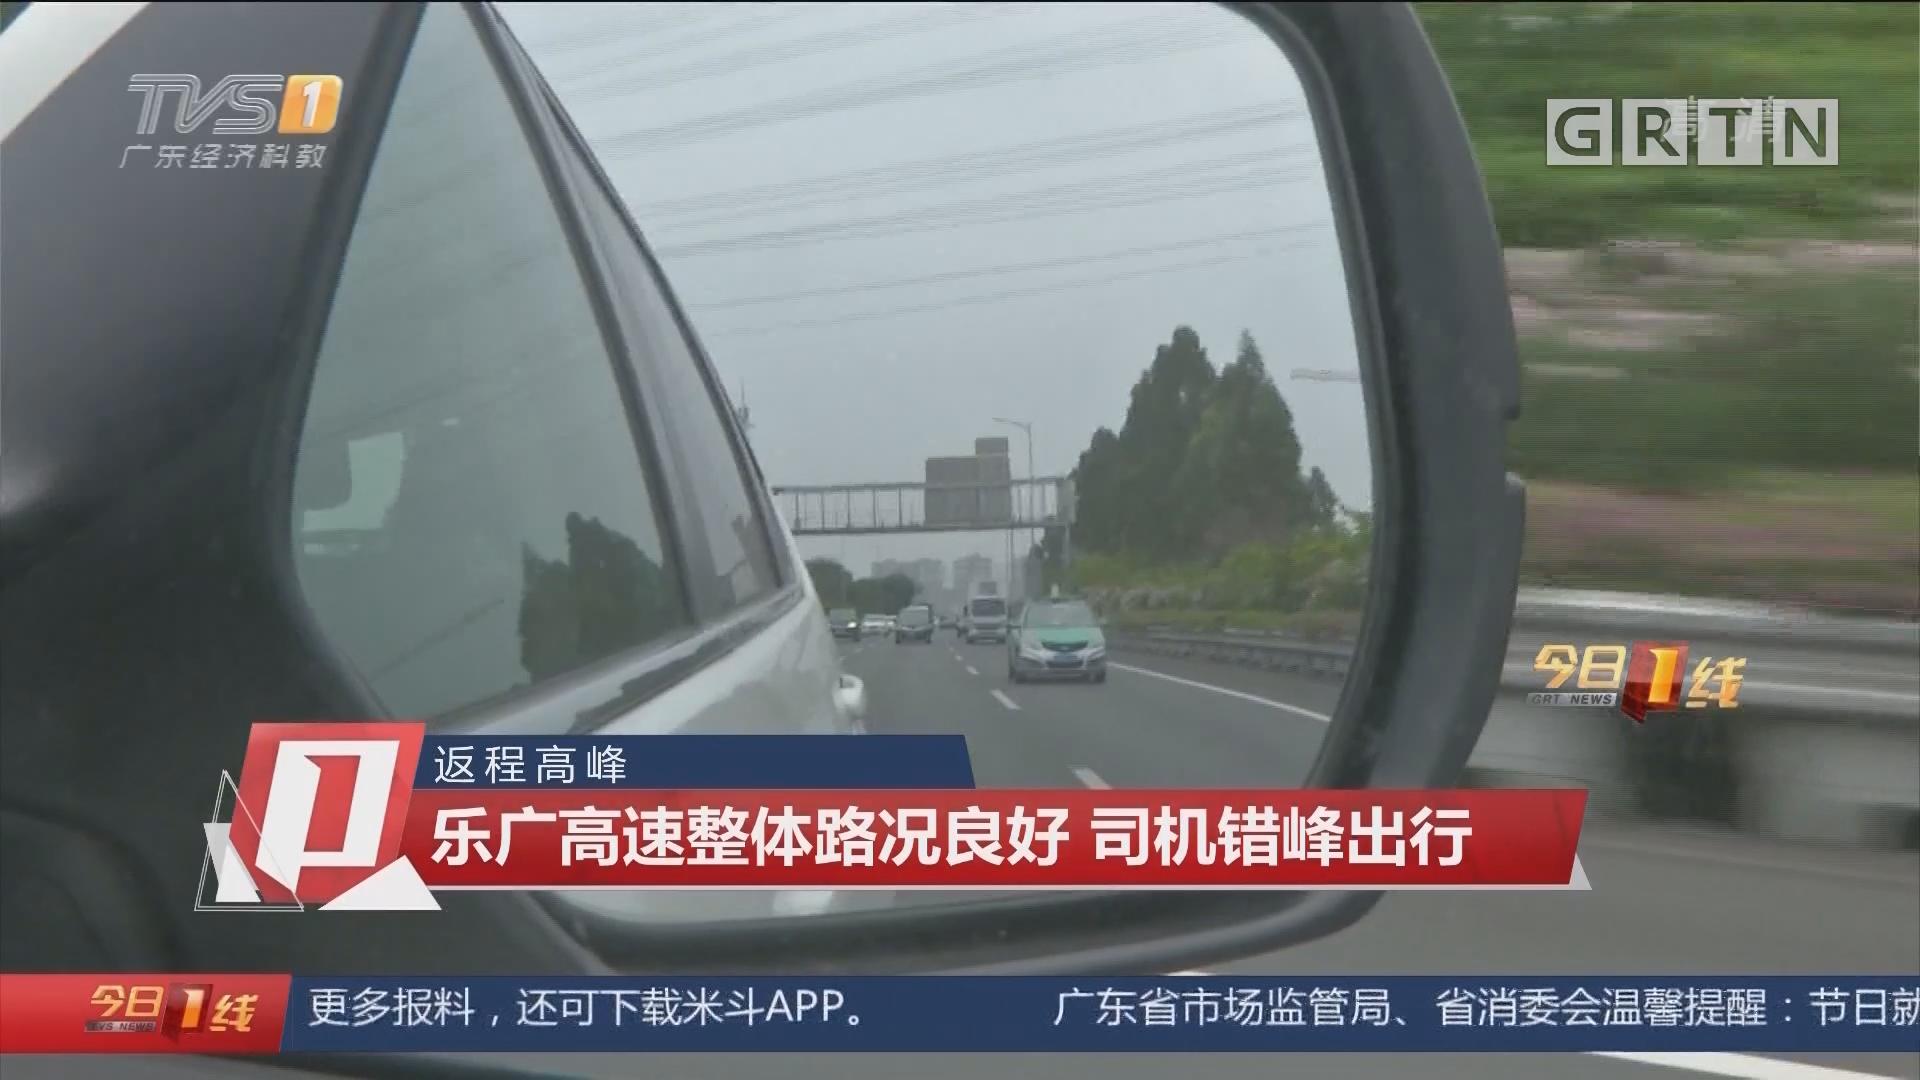 返程高峰 乐广高速整体路况良好 司机错峰出行